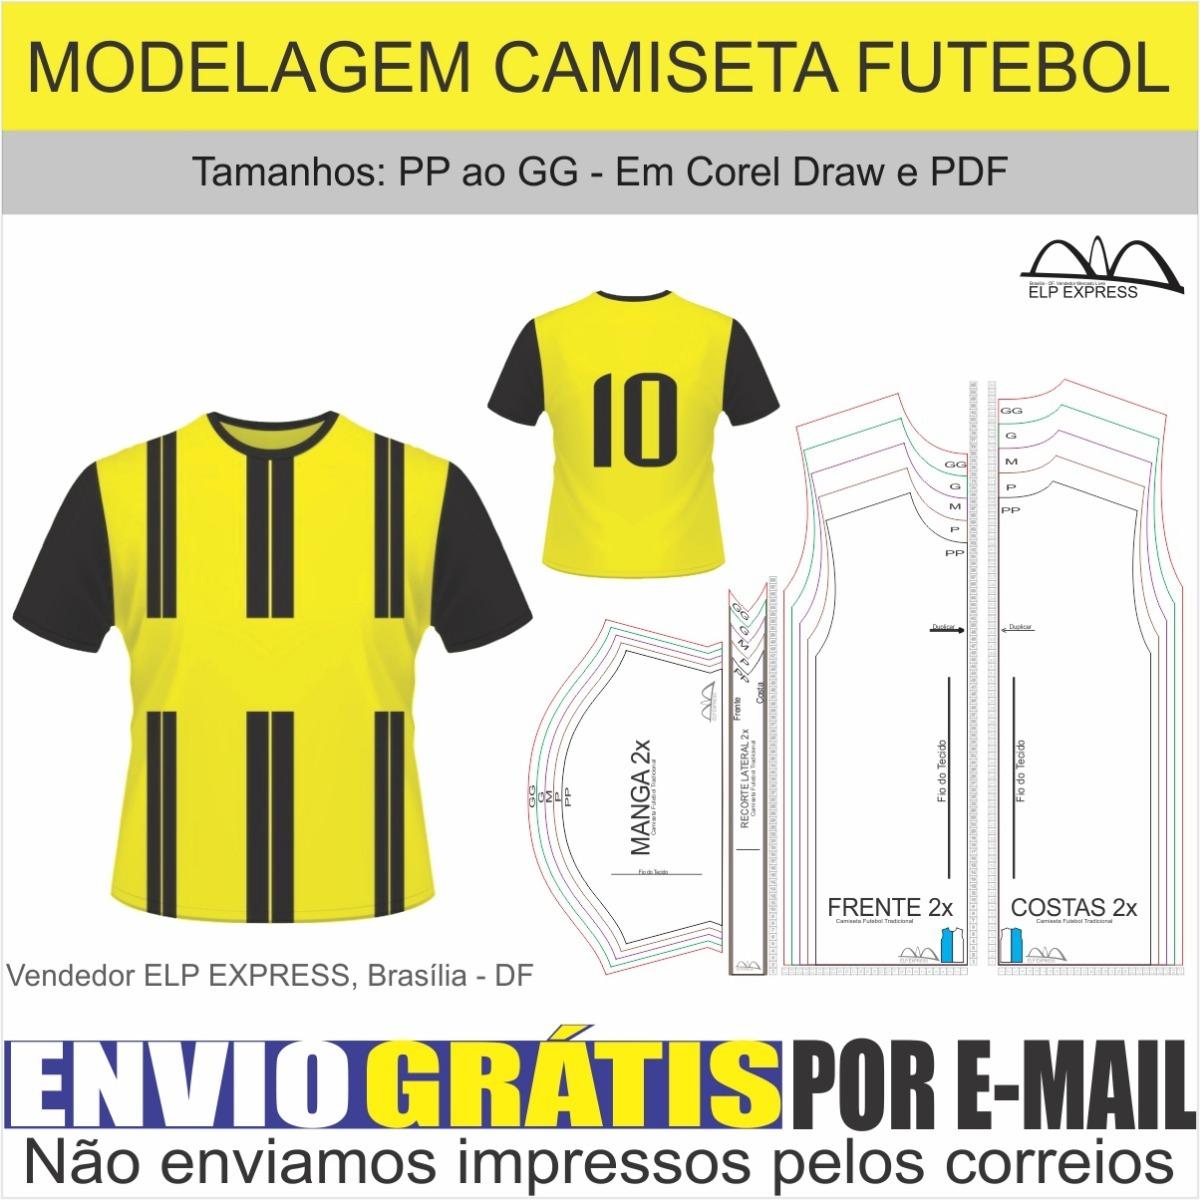 Molde Camiseta Futebol ( Pp Ao Gg) + Gabarito Sublimação - R  19 5a10bce398ef7